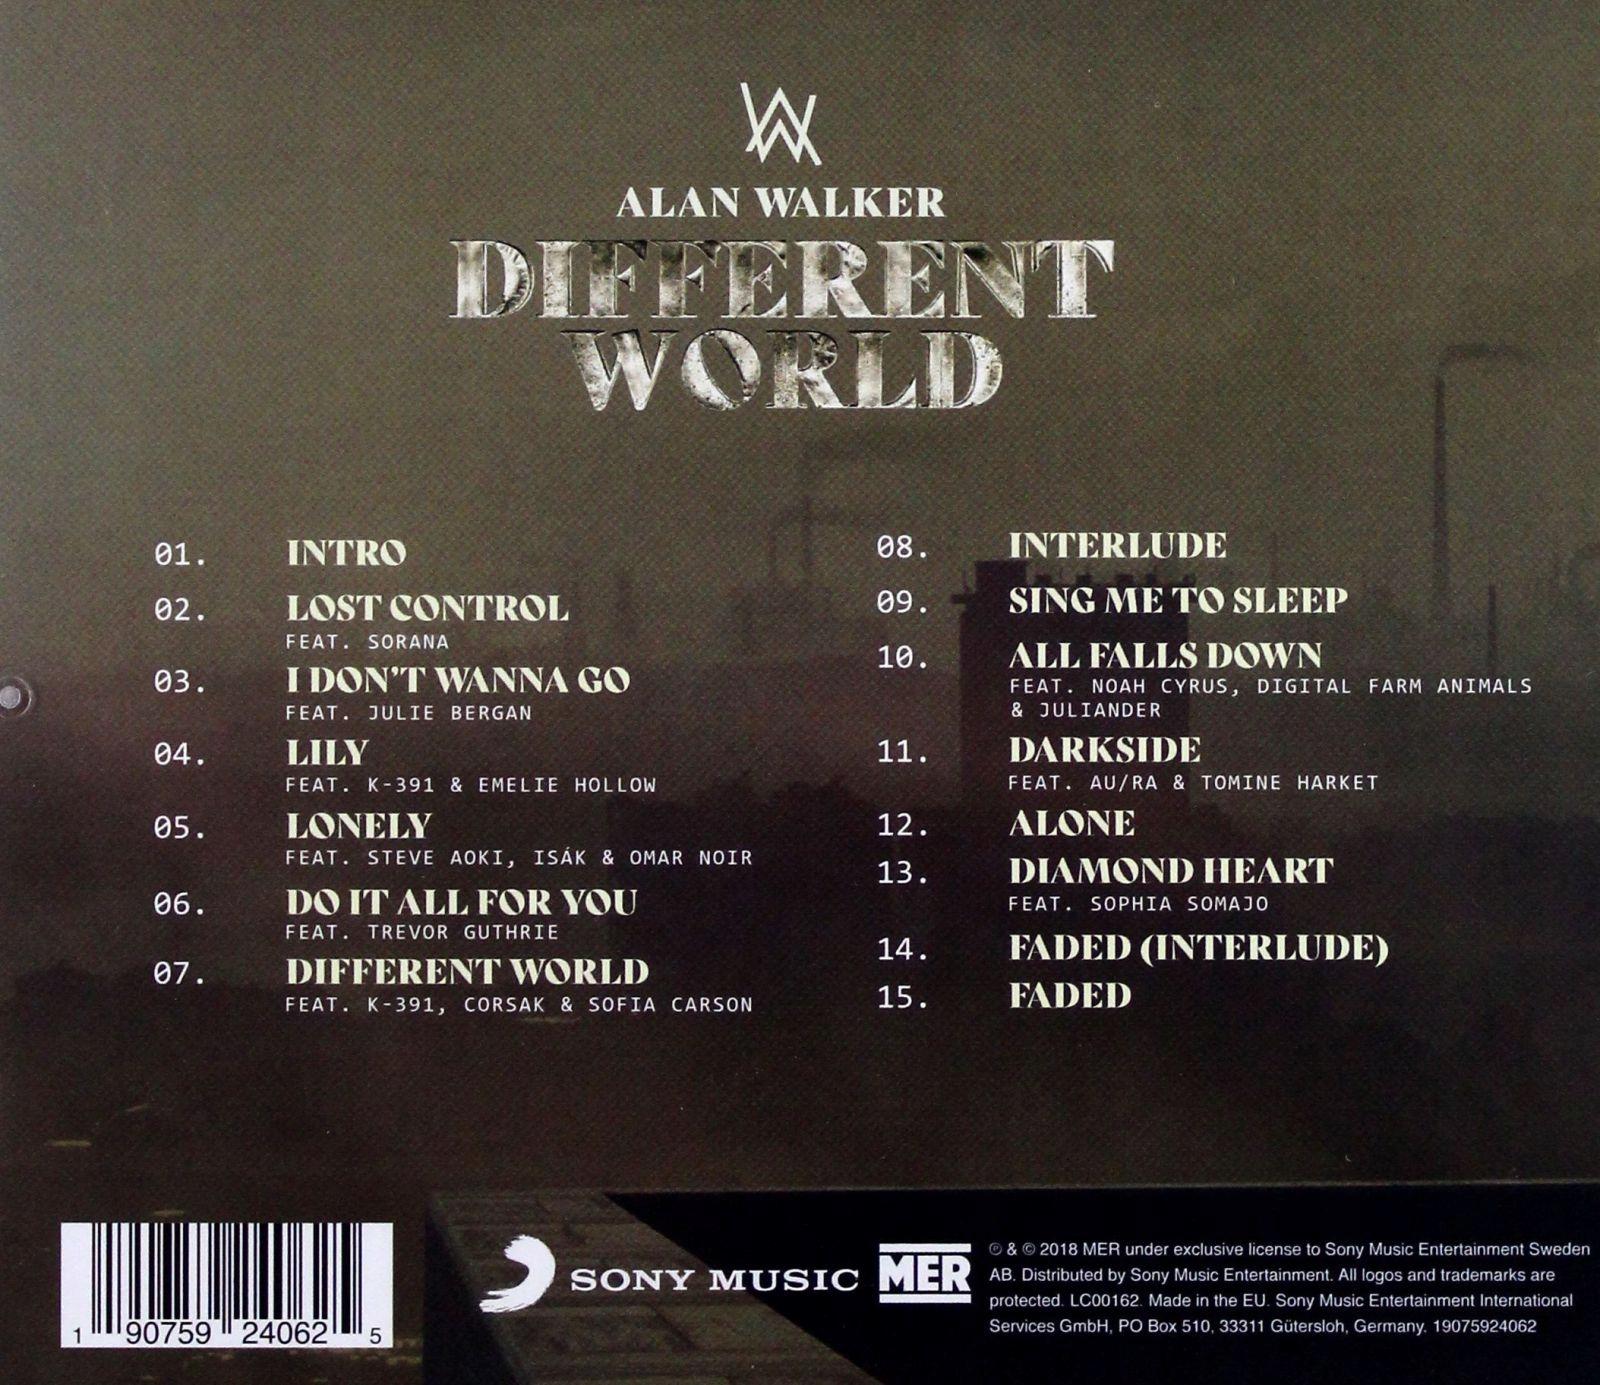 ALAN WALKER: DIFFERENT WORLD [CD]